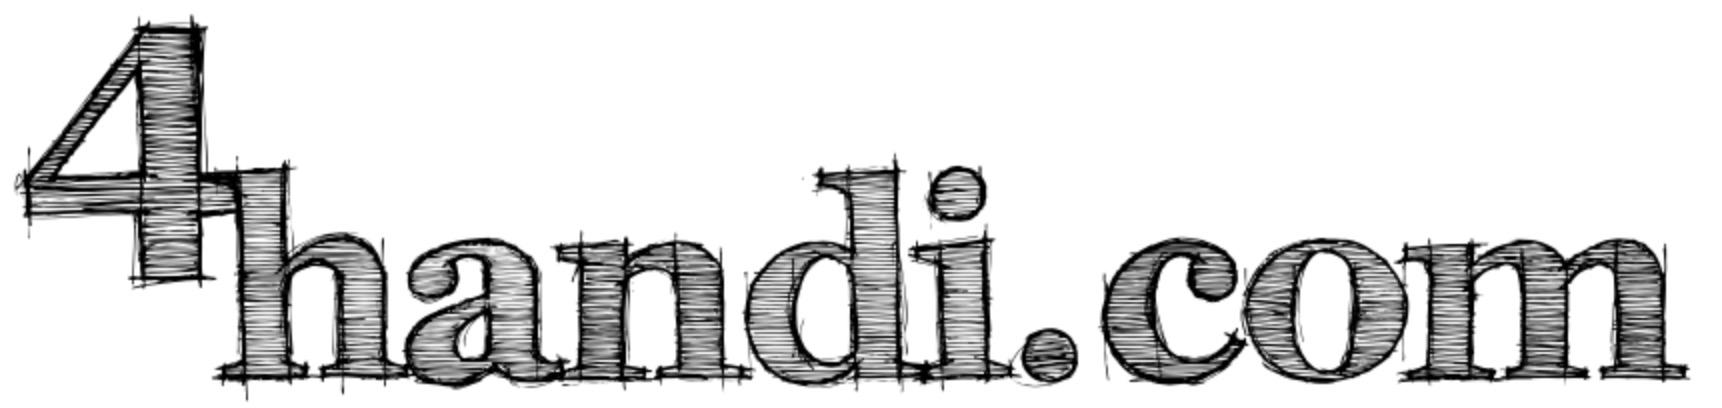 4handi.com